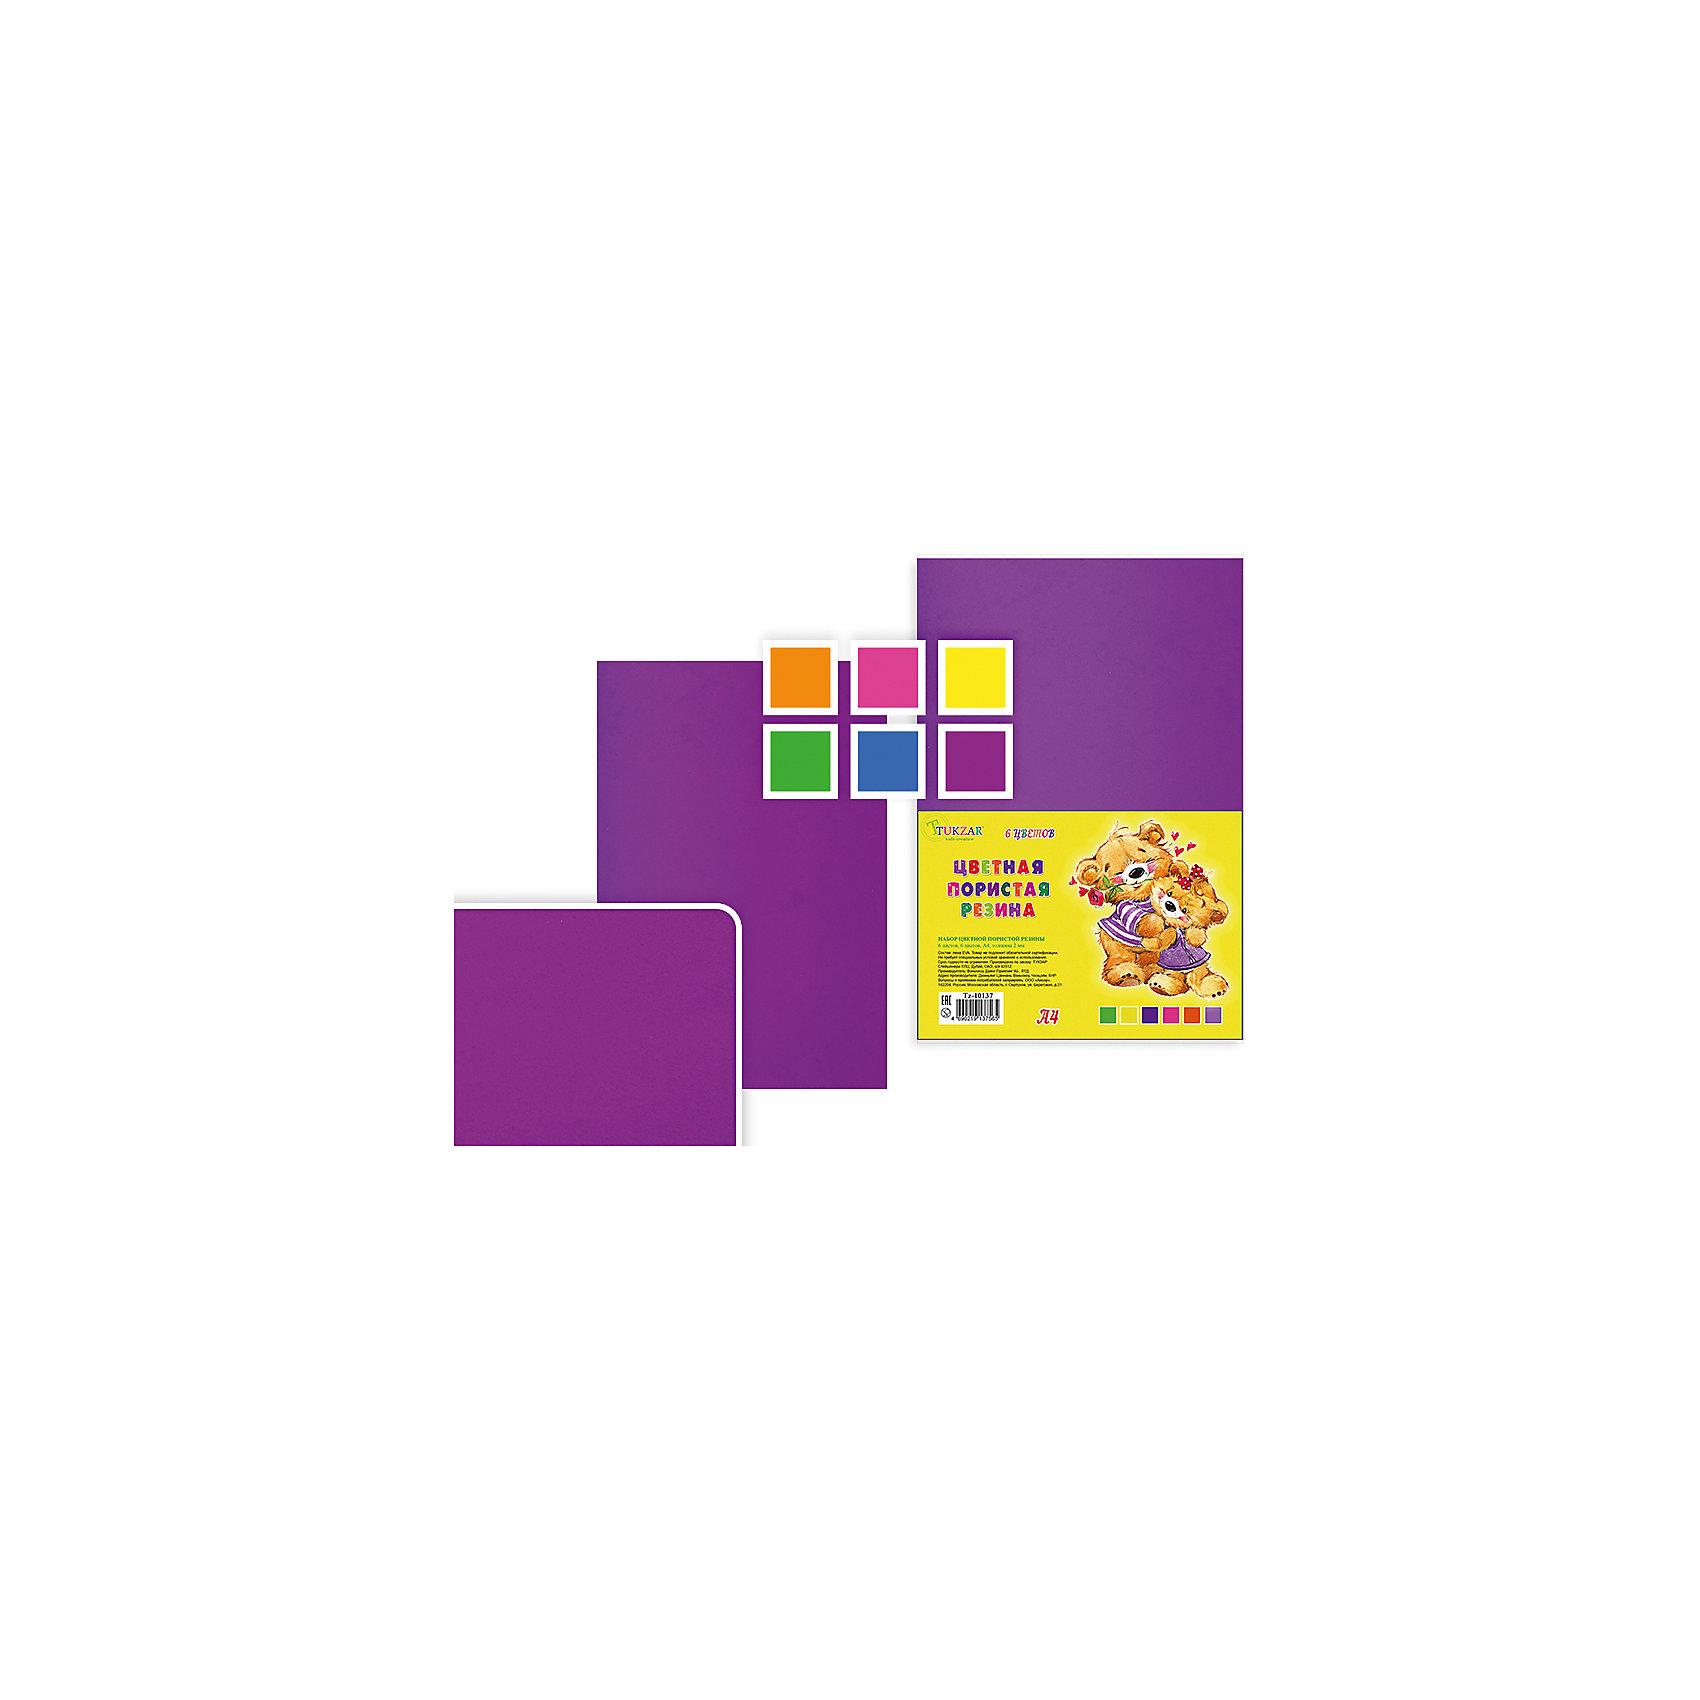 Набор цветной пористой резины, толщина - 2 мм, 6 листов, 6 цветов, А 4.Последняя цена<br>Набор цветной пористой резины, толщина - 2 мм, 6 листов, 6 цветов, А 4.<br><br>Характеристики:<br><br>• Возраст: от 6 лет<br>• Количество: 6 разноцветных листов формата А4<br>• Толщина листа: 2 мм.<br>• Цвета: оранжевый, розовый, желтый, зеленый, голубой, сиреневый<br><br>Цветная пористая резина (пена EVA) ярких насыщенных цветов в листах формата А4 предназначена для создания творческих поделок и объемных аппликаций дома, в школе или в детском саду. Пористая резина - приятная на ощупь, гибкая. Работать с ней просто и удобно, она режется ножницами, легко принимает нужную форму.<br><br>Набор цветной пористой резины, толщина - 2 мм, 6 листов, 6 цветов, А 4 можно купить в нашем интернет-магазине.<br><br>Ширина мм: 330<br>Глубина мм: 8<br>Высота мм: 210<br>Вес г: 100<br>Возраст от месяцев: 72<br>Возраст до месяцев: 2147483647<br>Пол: Унисекс<br>Возраст: Детский<br>SKU: 5504495